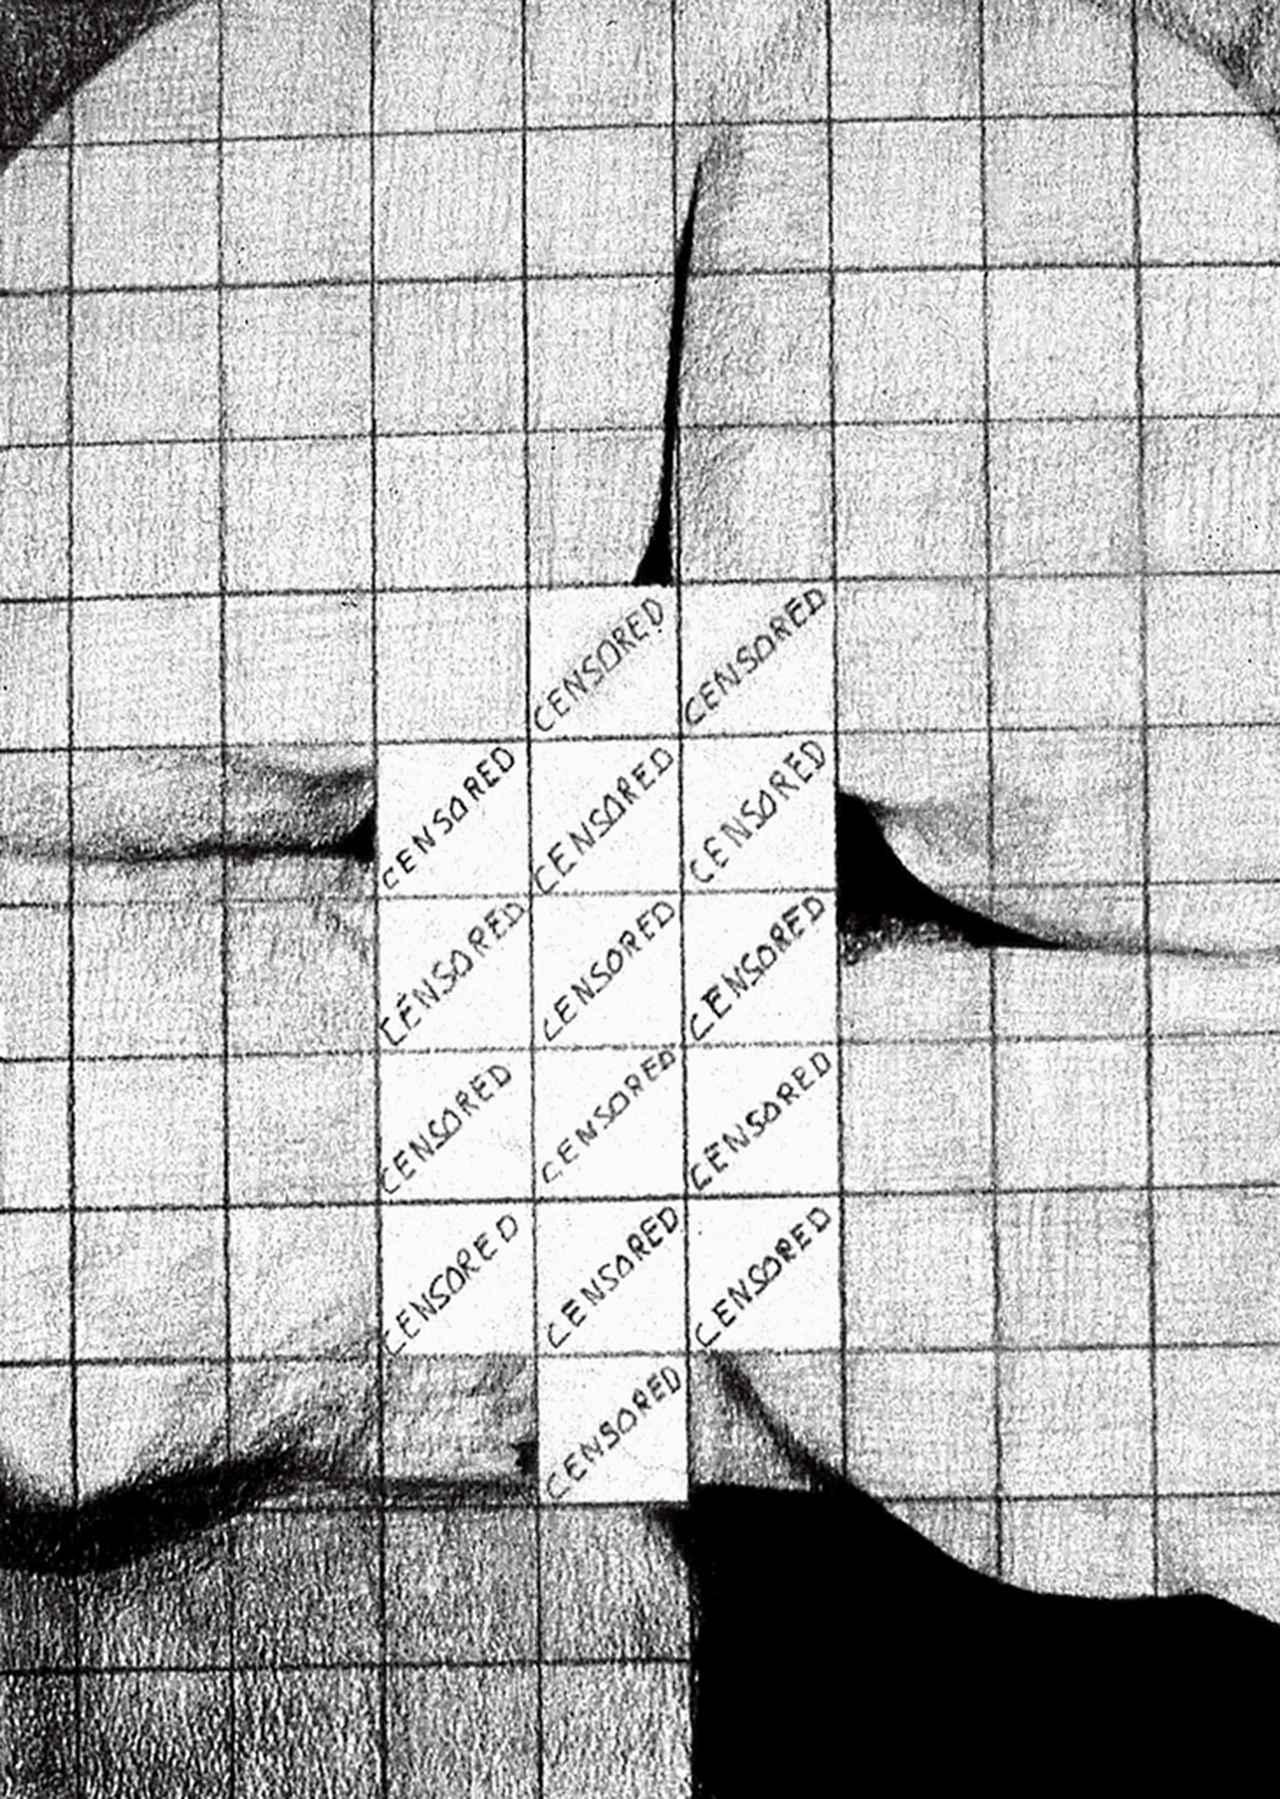 Images : 4番目の画像 - 「フェミニズムのパイオニア。 挑発的な性的表現に挑んだ 女性アーティストたち」のアルバム - T JAPAN:The New York Times Style Magazine 公式サイト